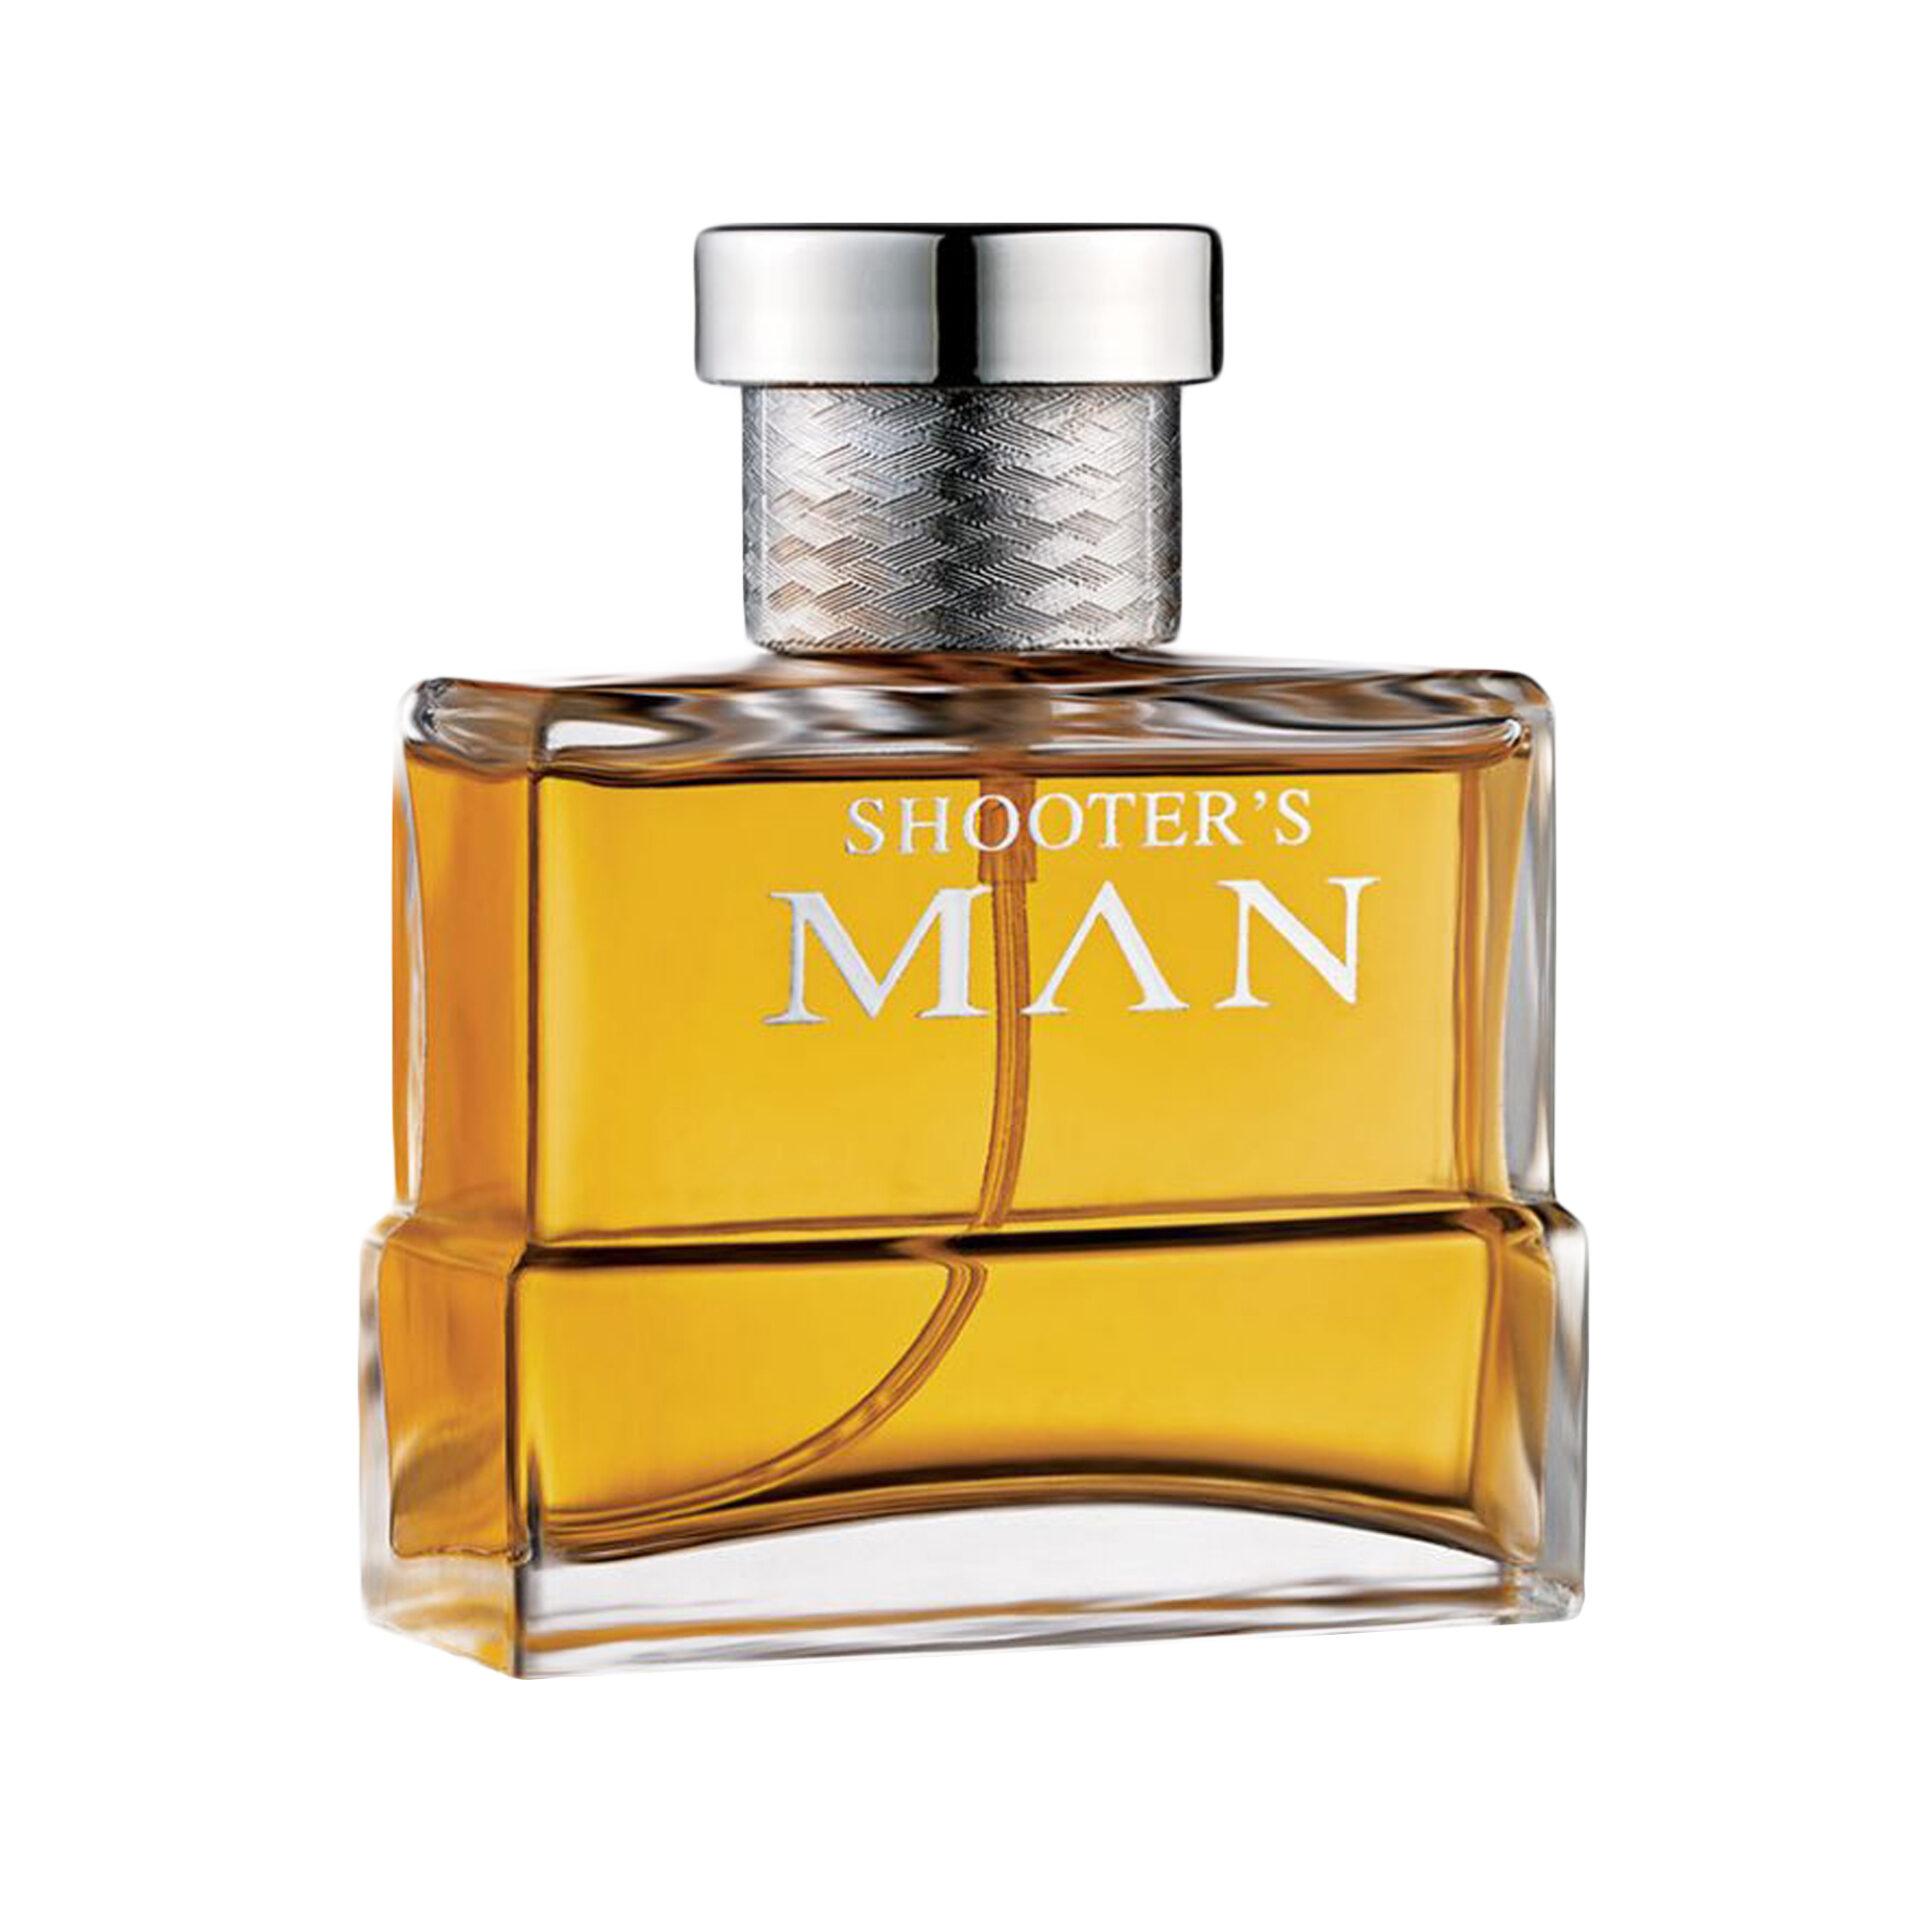 ادو پرفیوم مردانه فارماسی مدل Shooters Man حجم 100 میلی لیتر